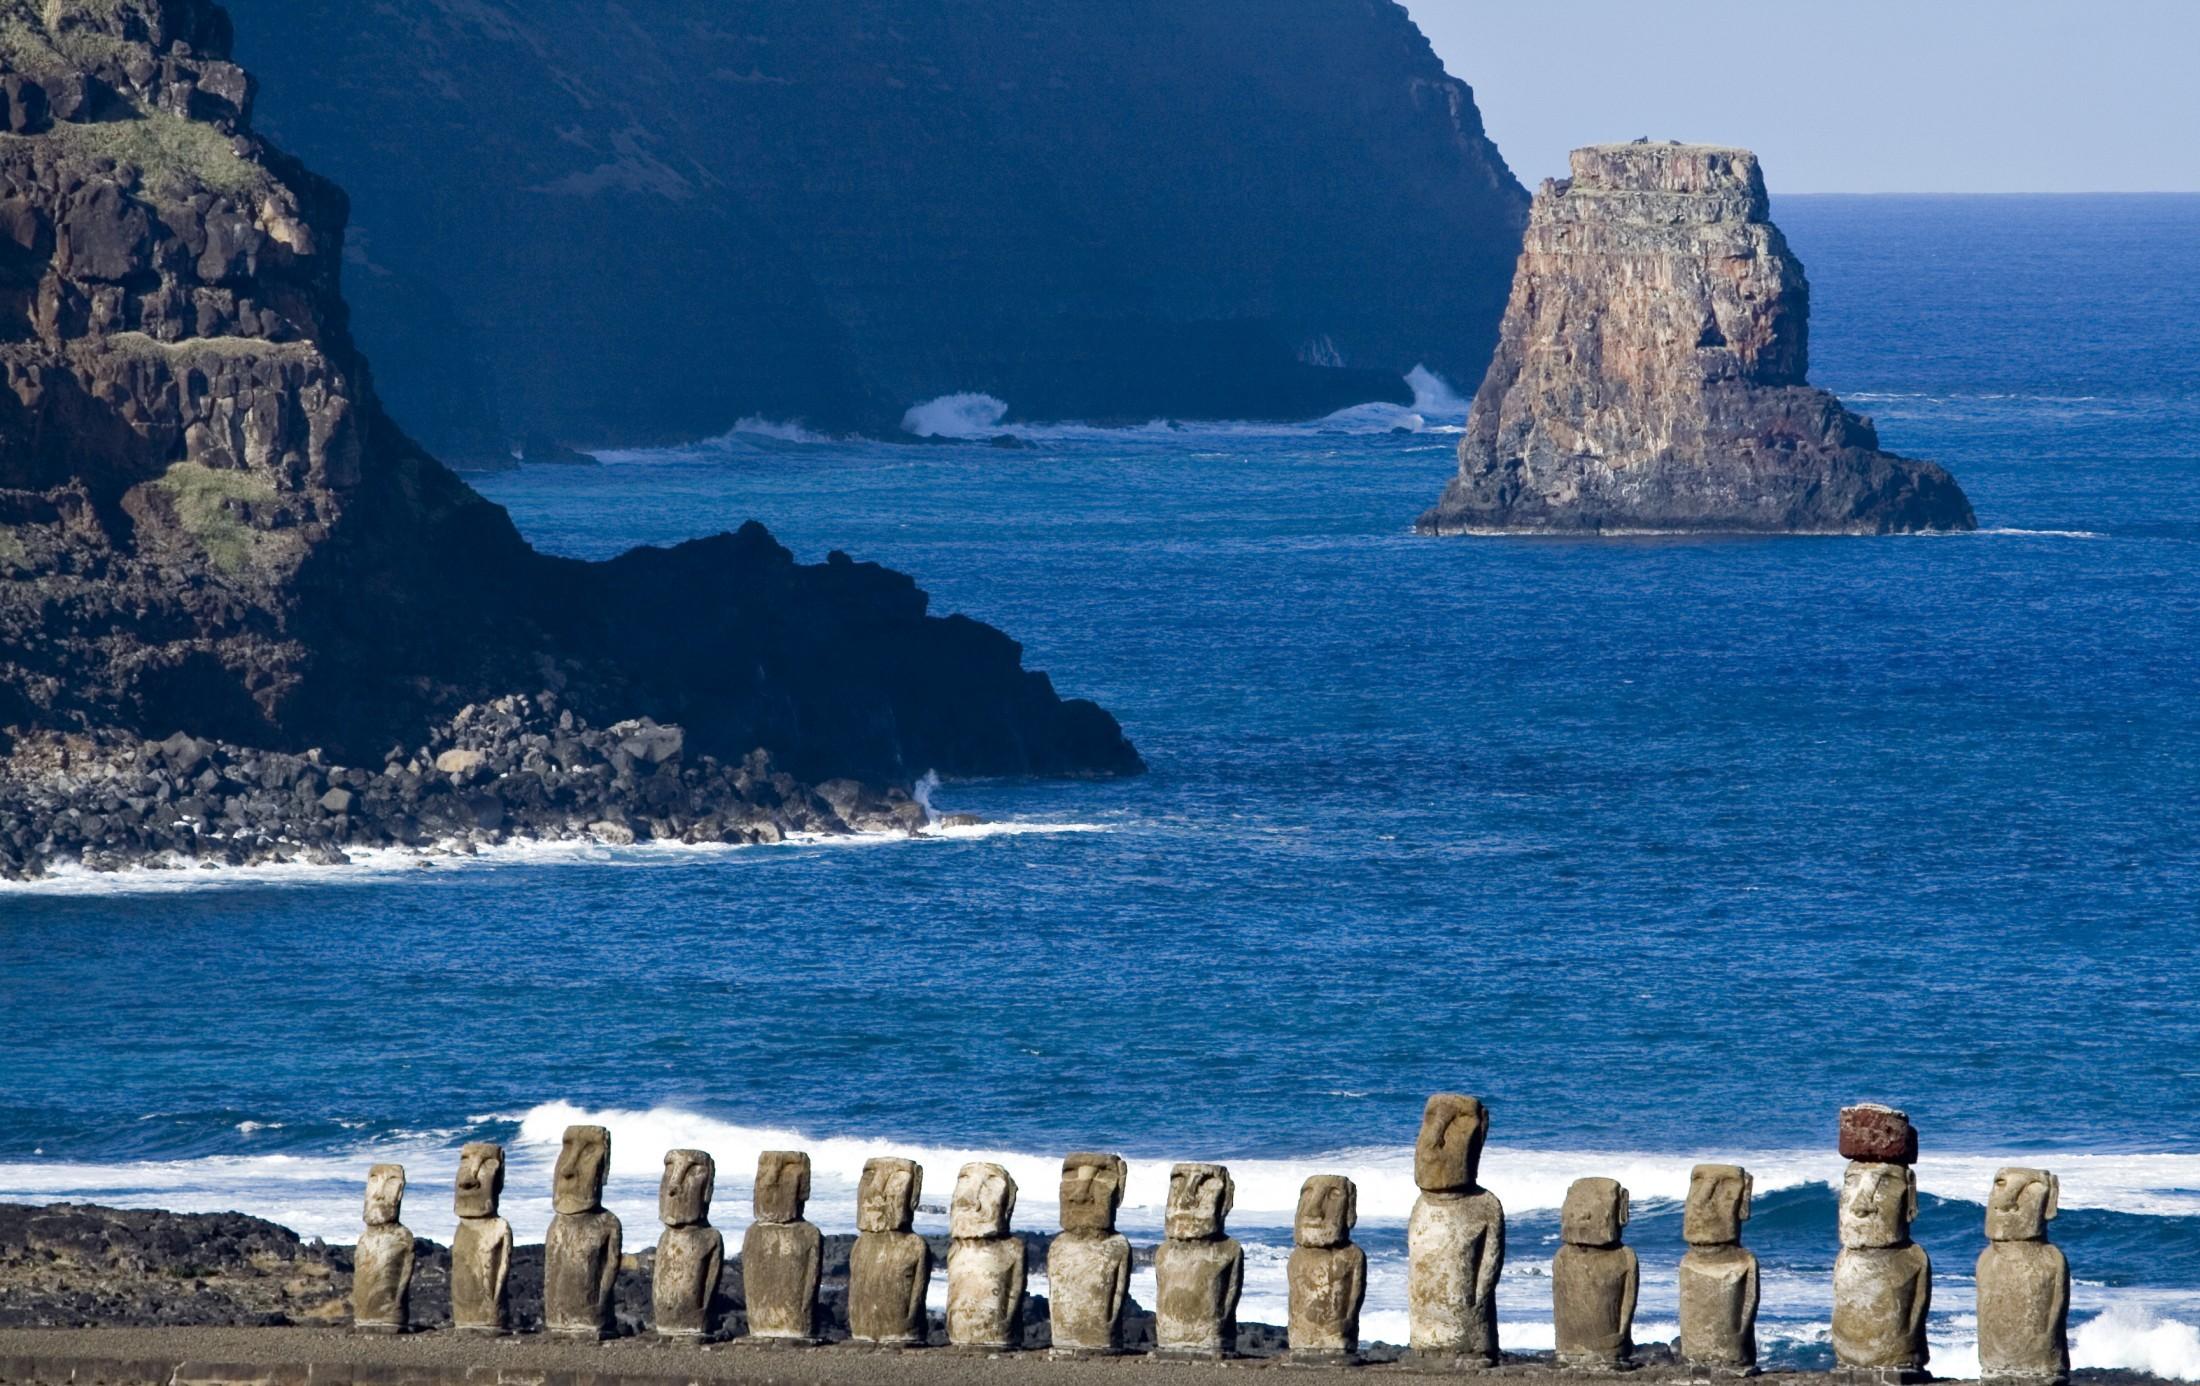 Загадочный остров Пасхи в Тихом океане